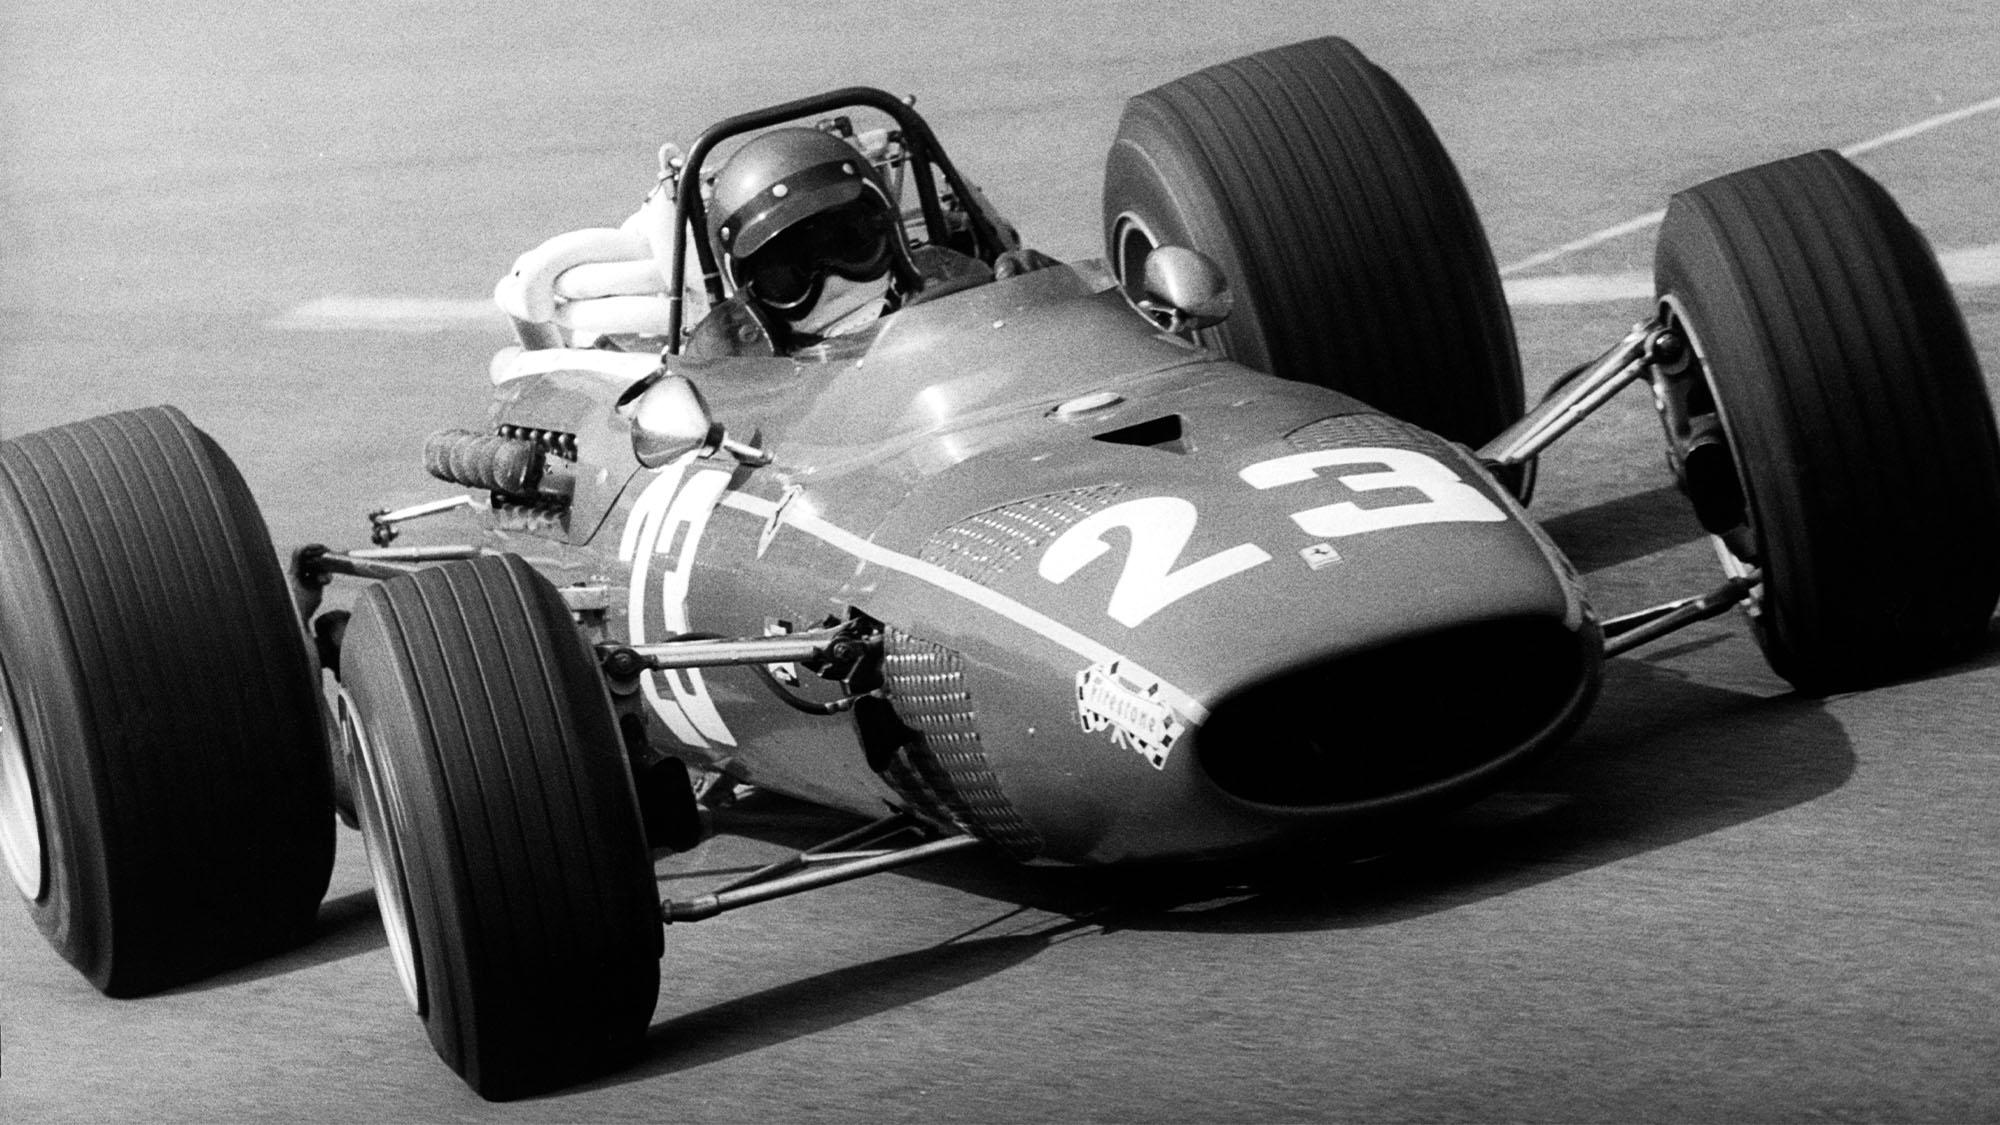 Ferrari 1968